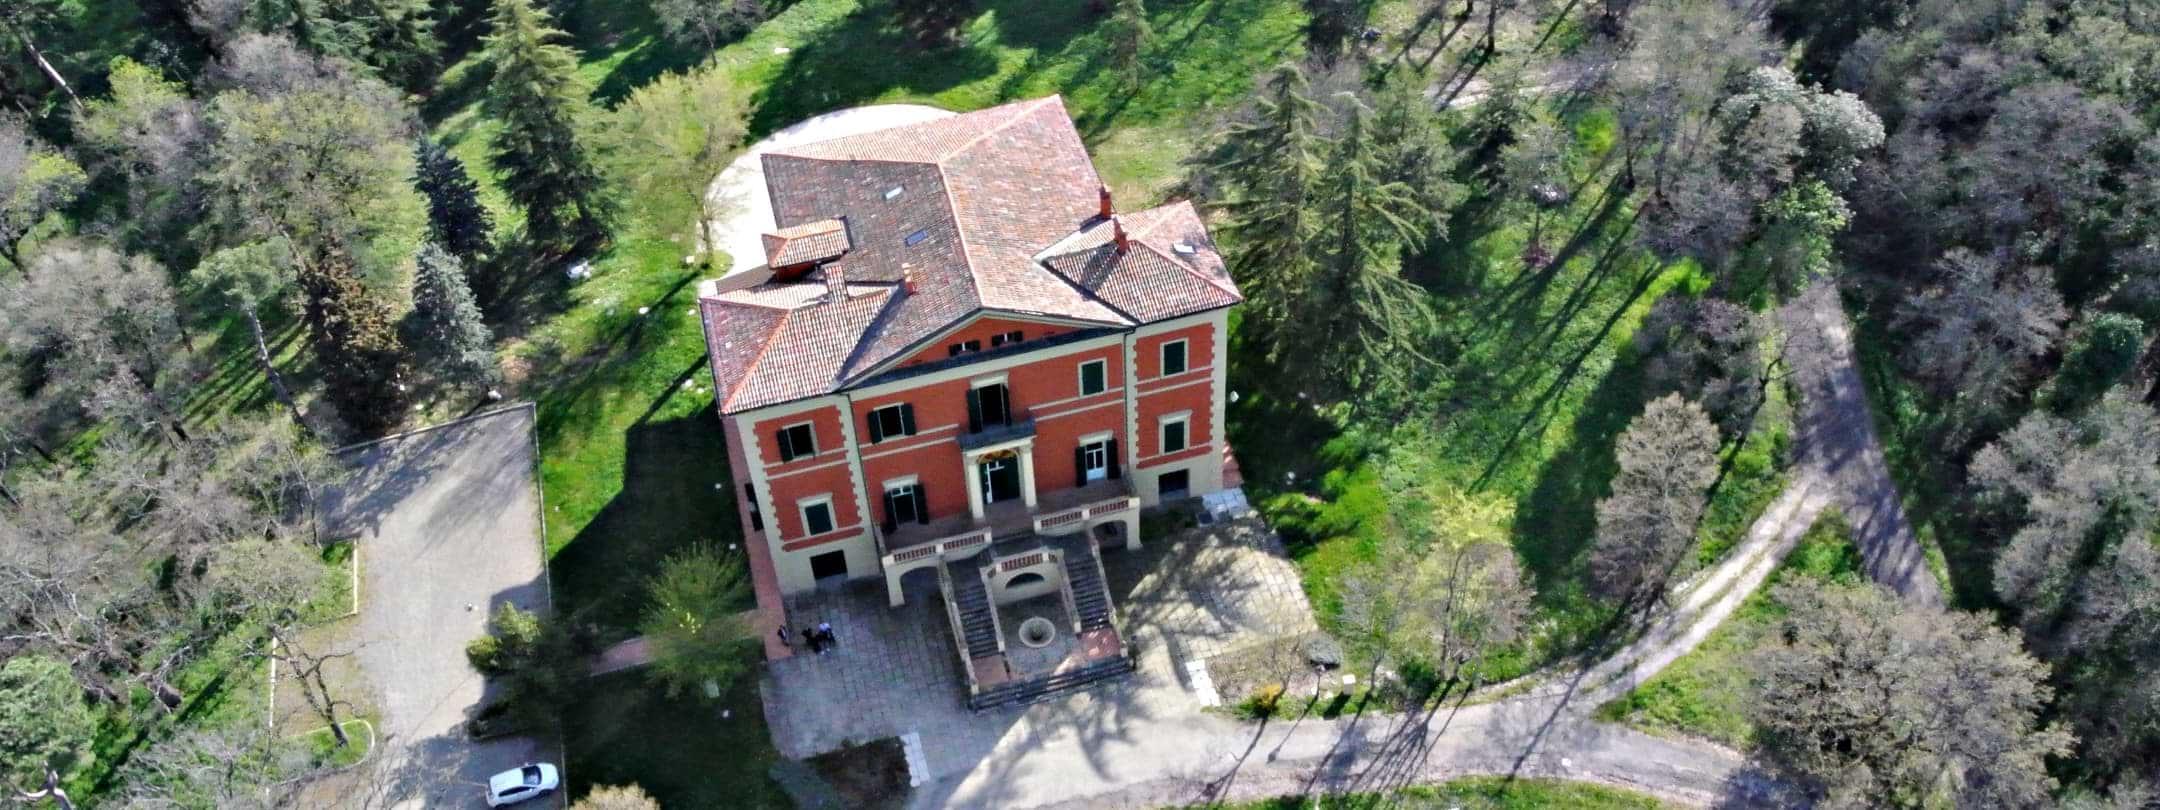 Villa palazzona di maggio